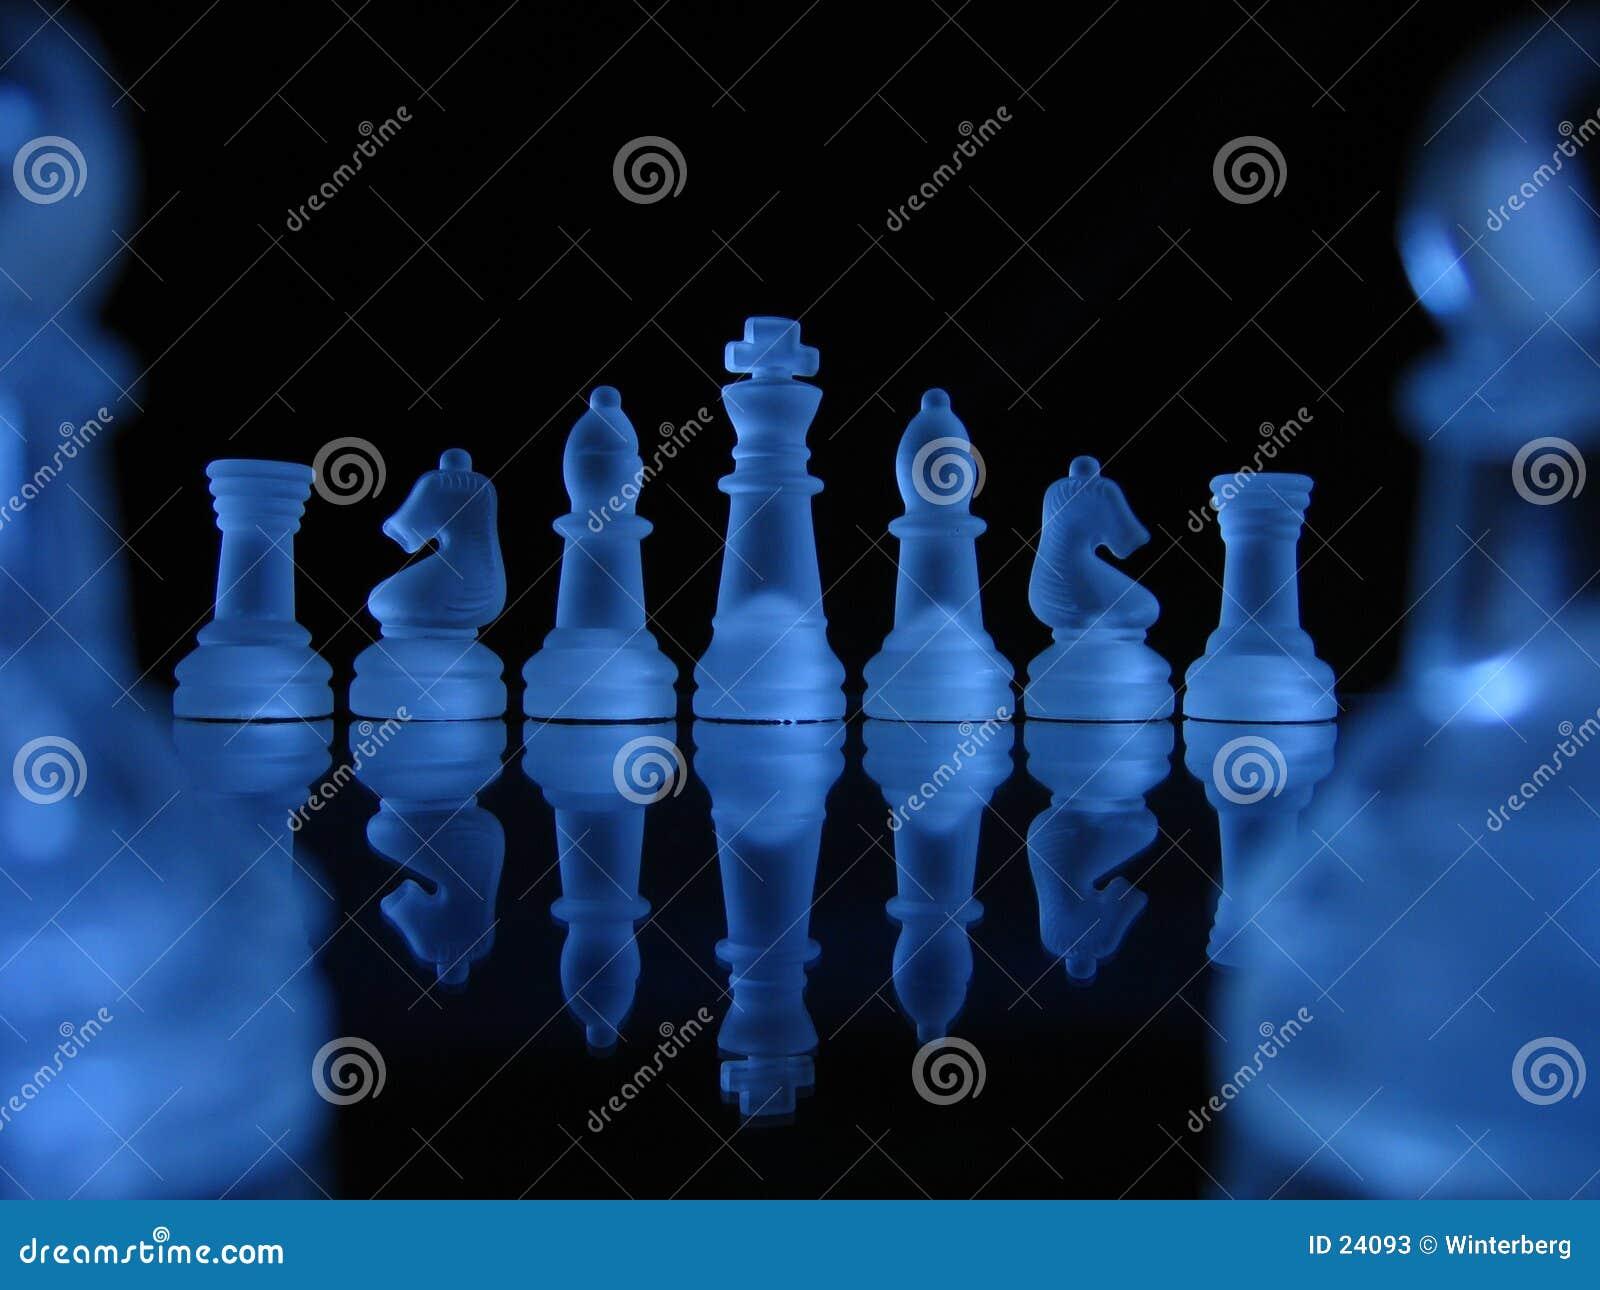 Chess III